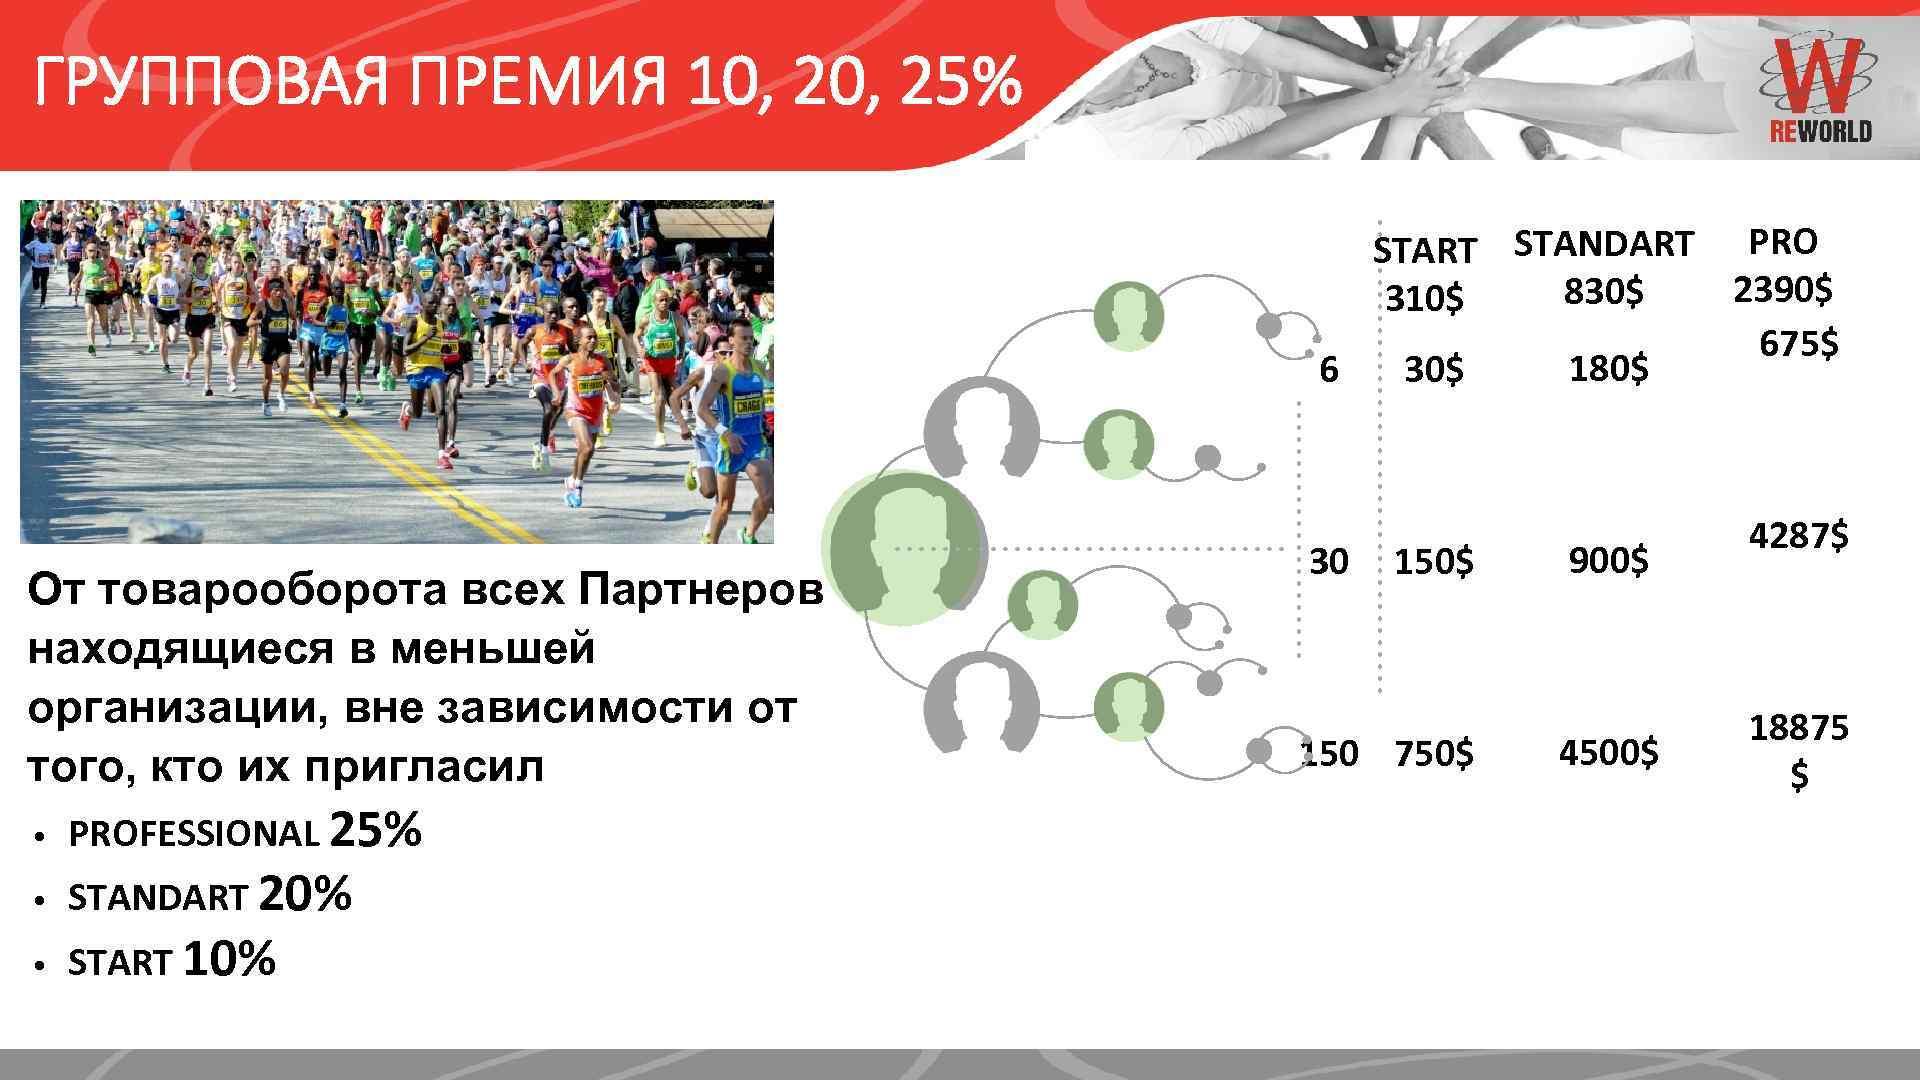 ГРУППОВАЯ ПРЕМИЯ 10, 25% START STANDART PRO 2390$ 830$ 310$ 675$ 180$ 6 30$